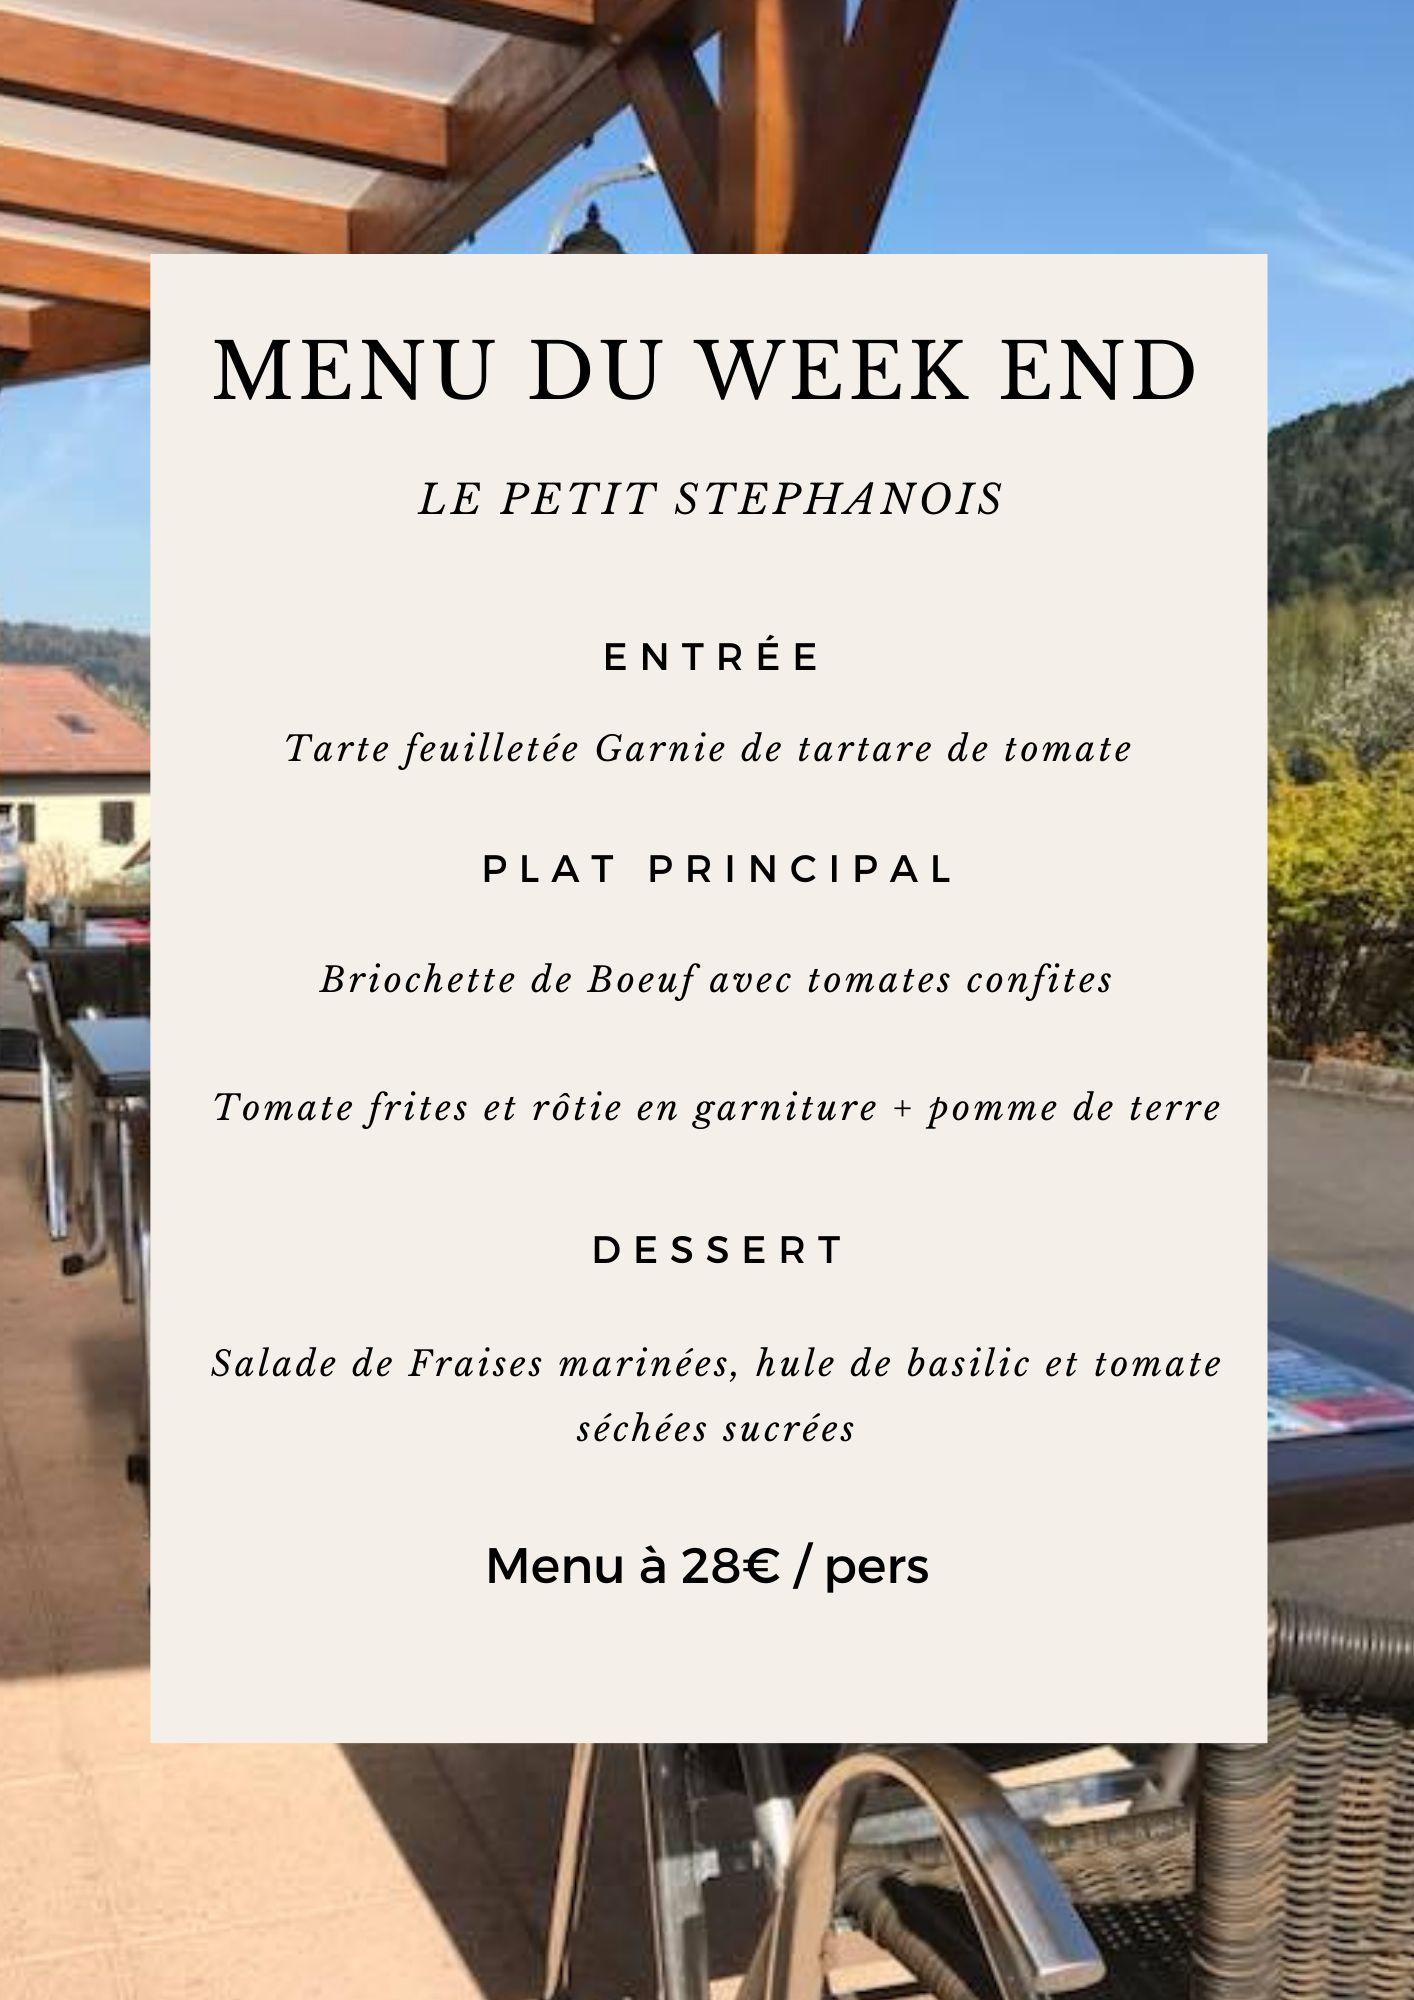 Menu du Weekend !!